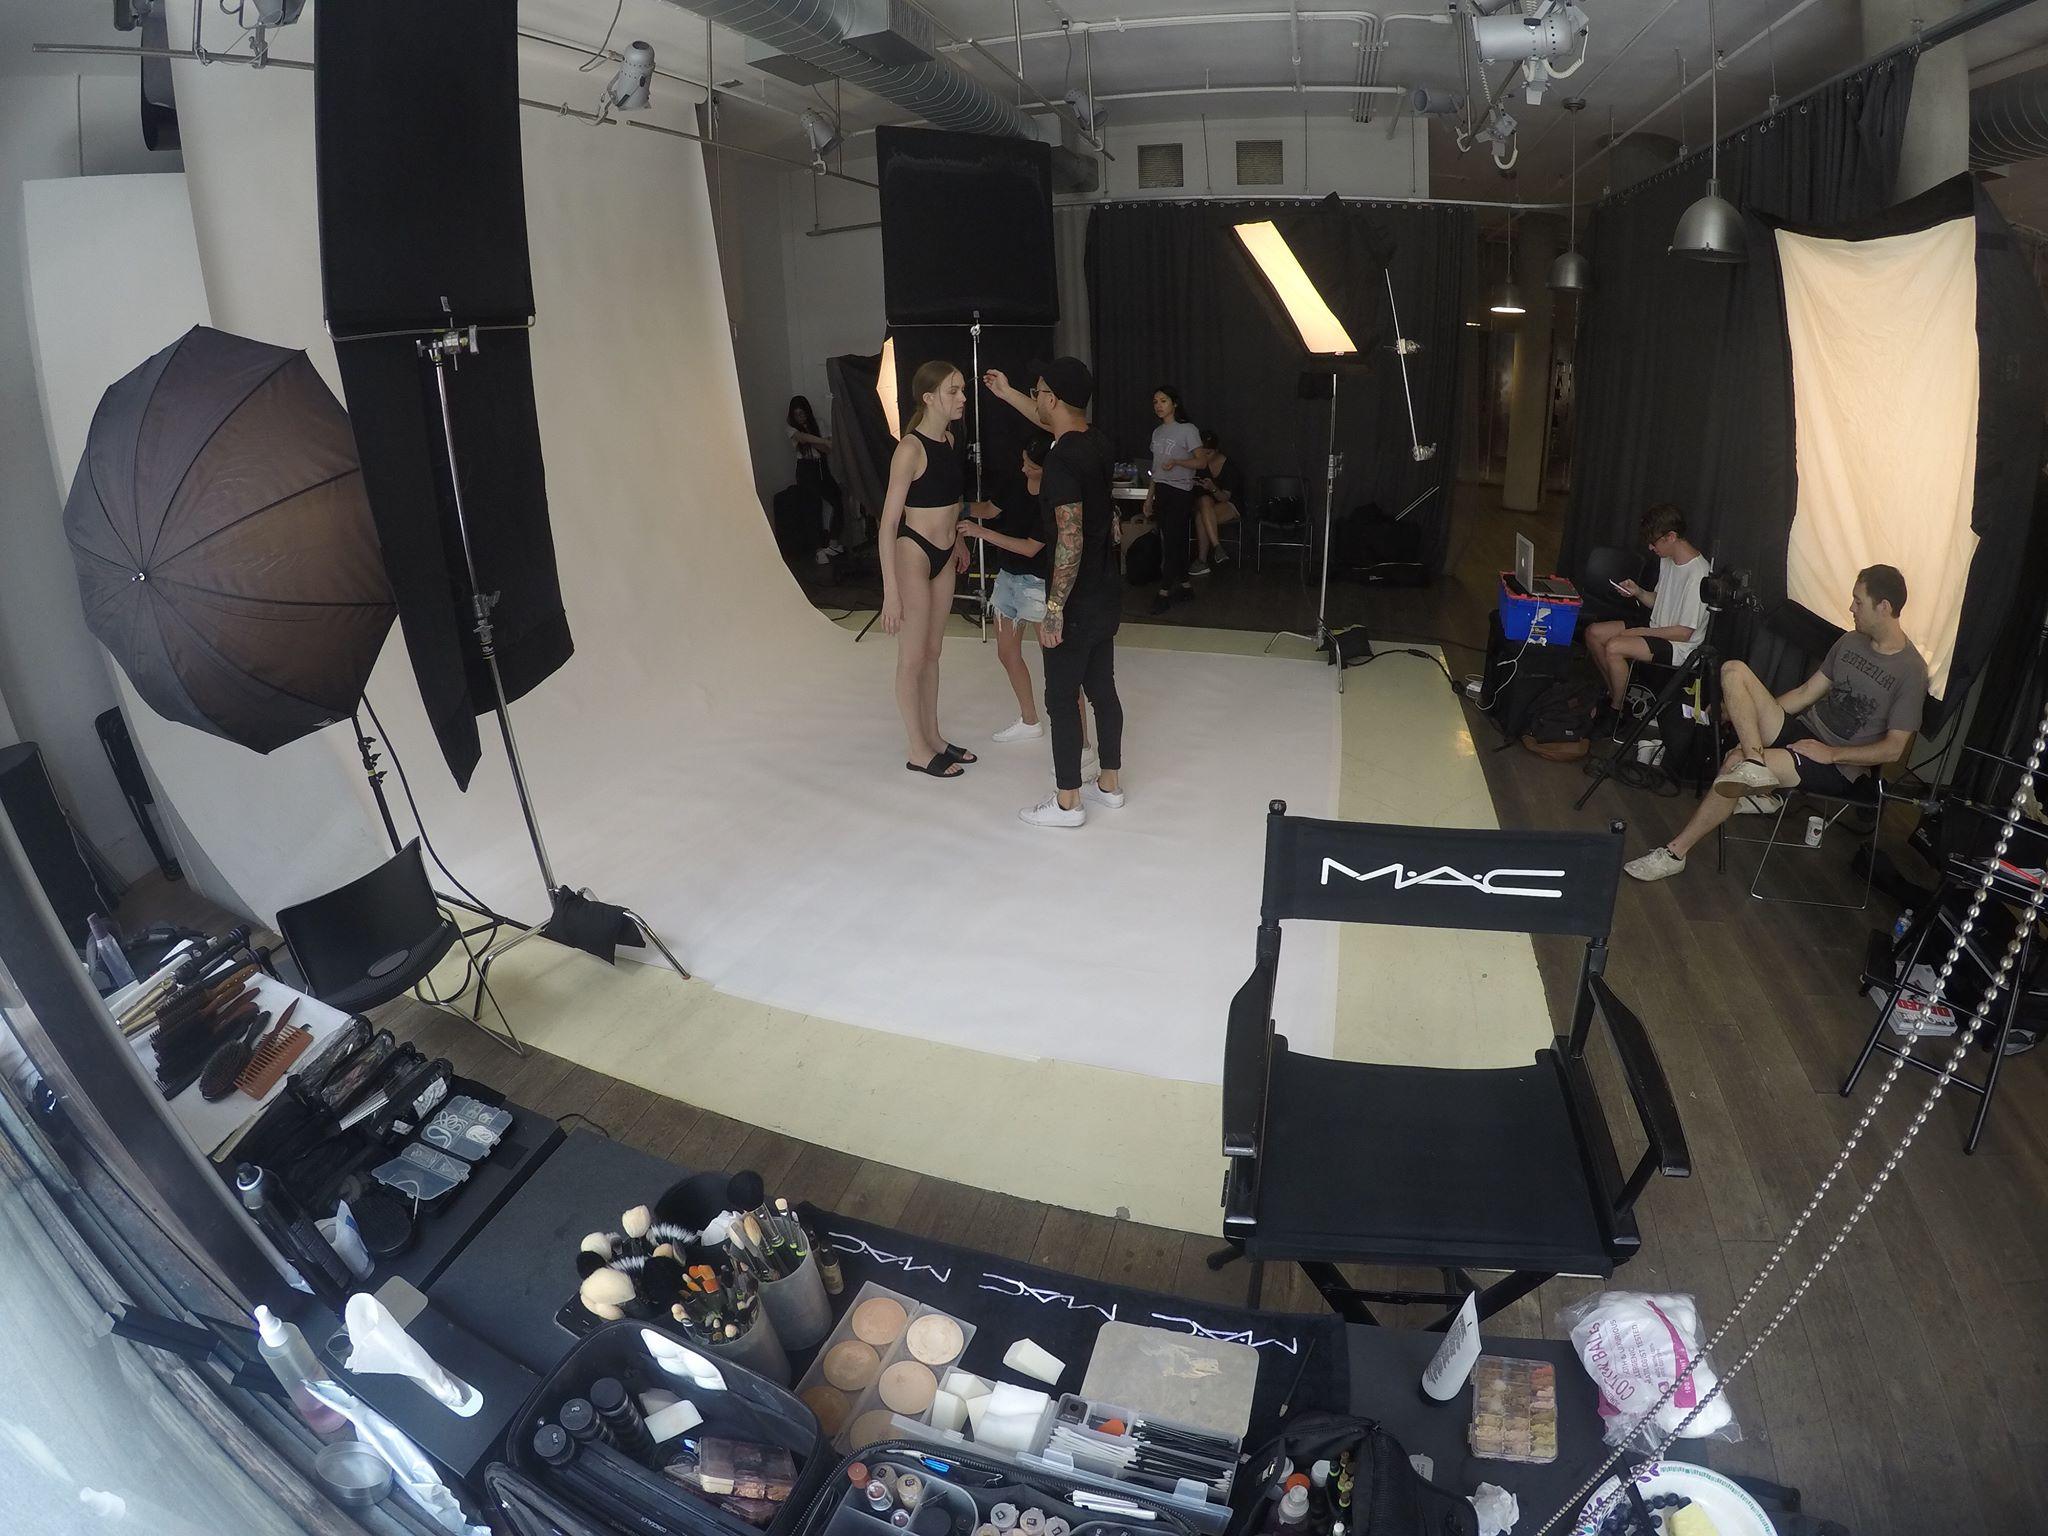 Lookbook Shoot, Mac Pro, NYC